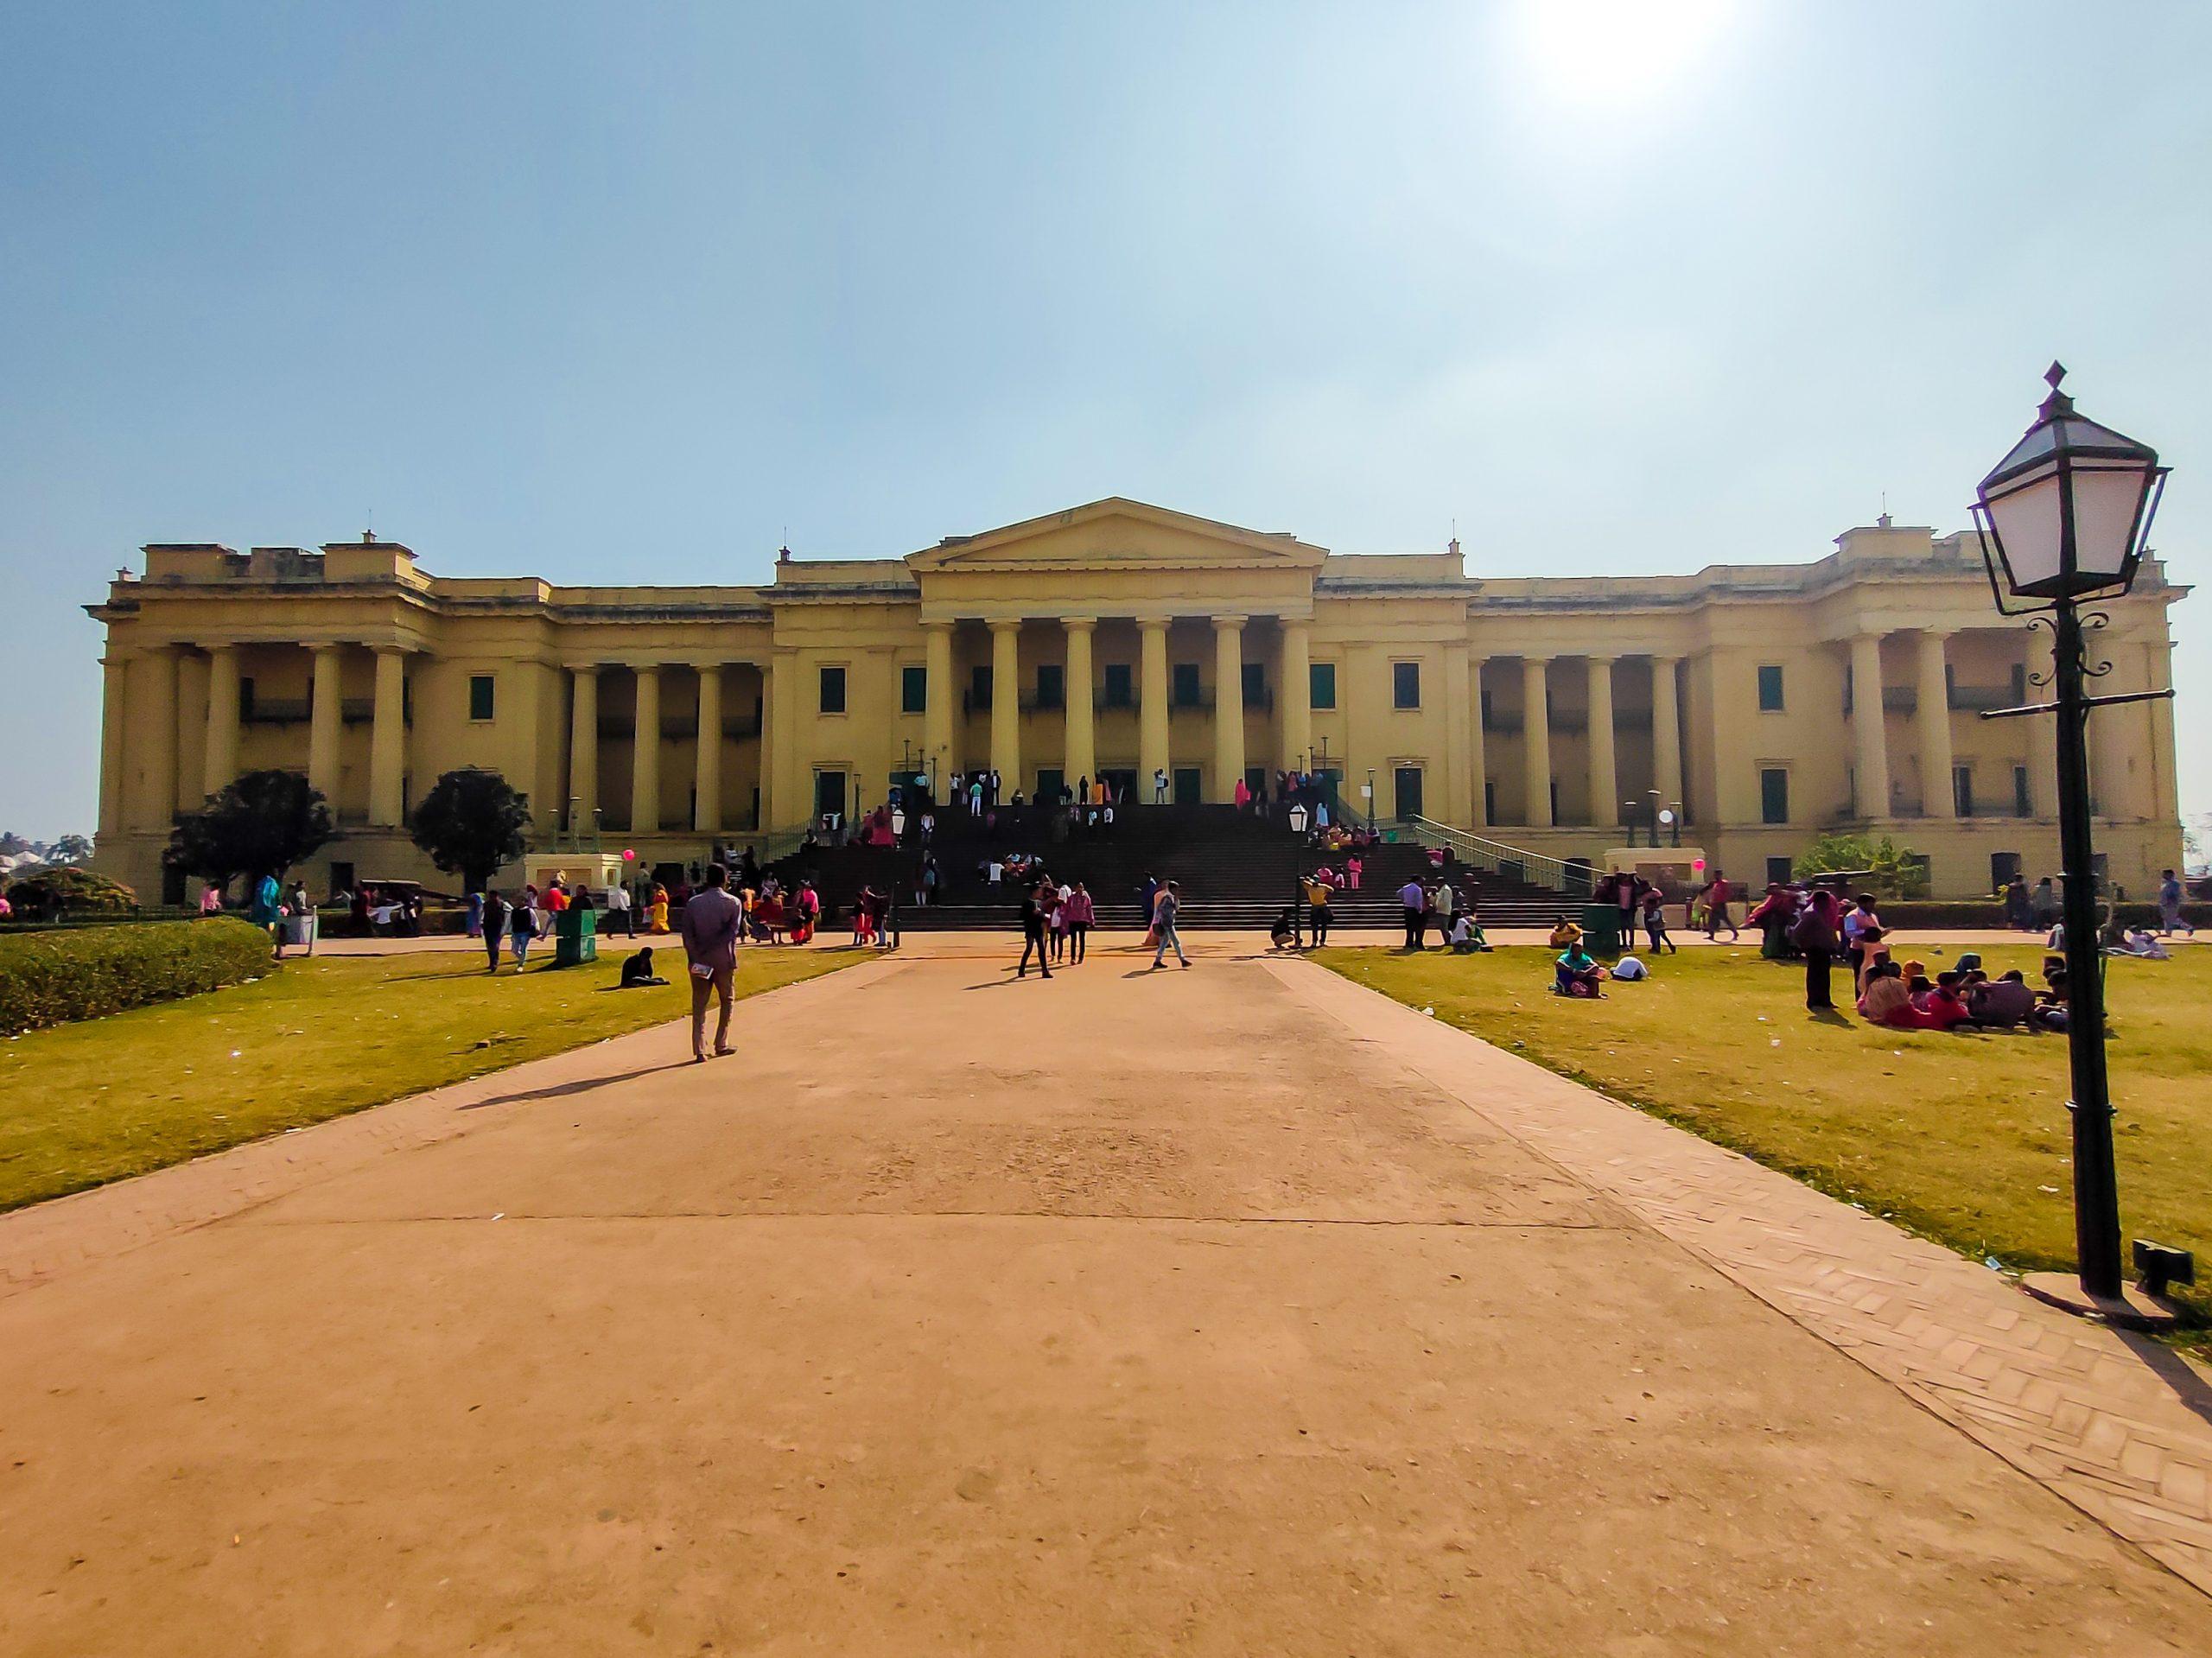 Visitors at a historic building